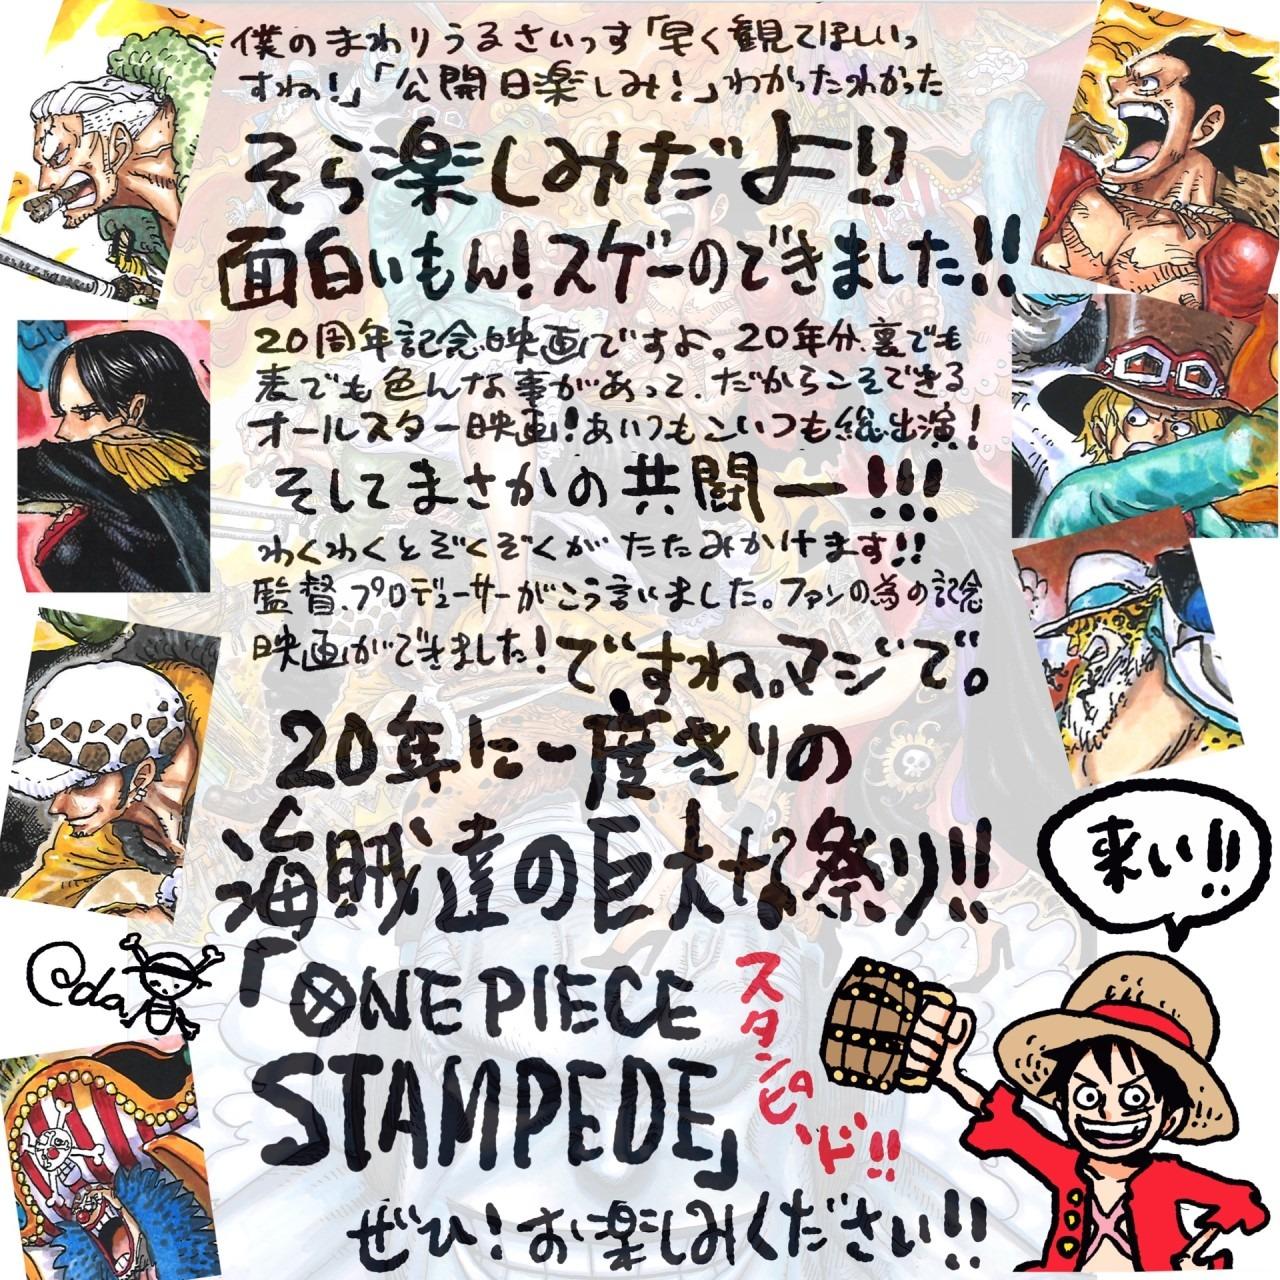 劇場版「ワンピース」公開直前に尾田栄一郎のコメント到着!「そら ...